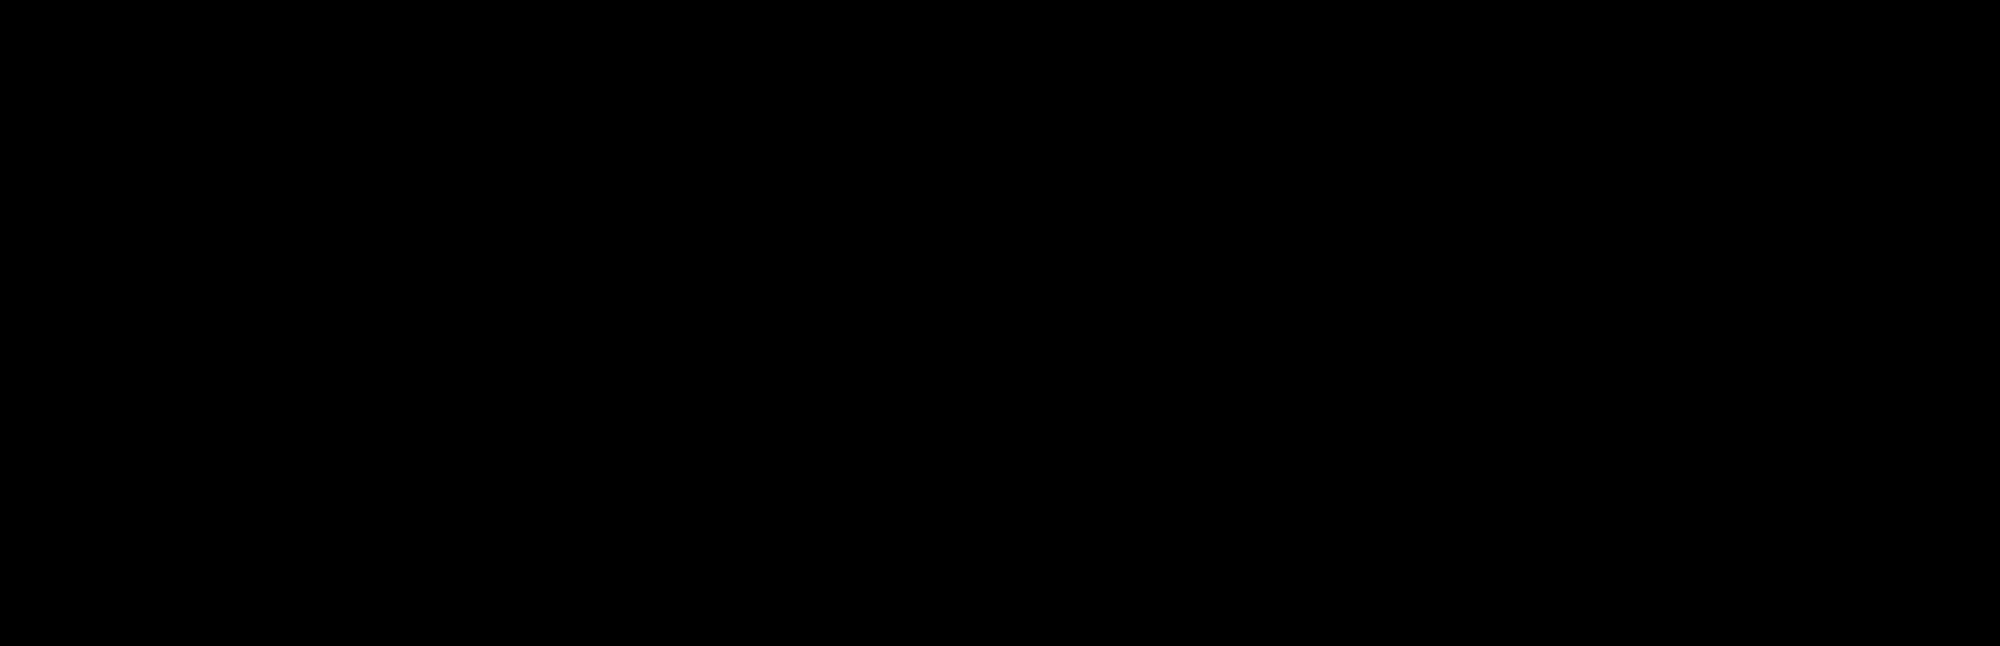 デザインオーダーユニフォーム・スポーツアイテム - フレアフォースポーツ